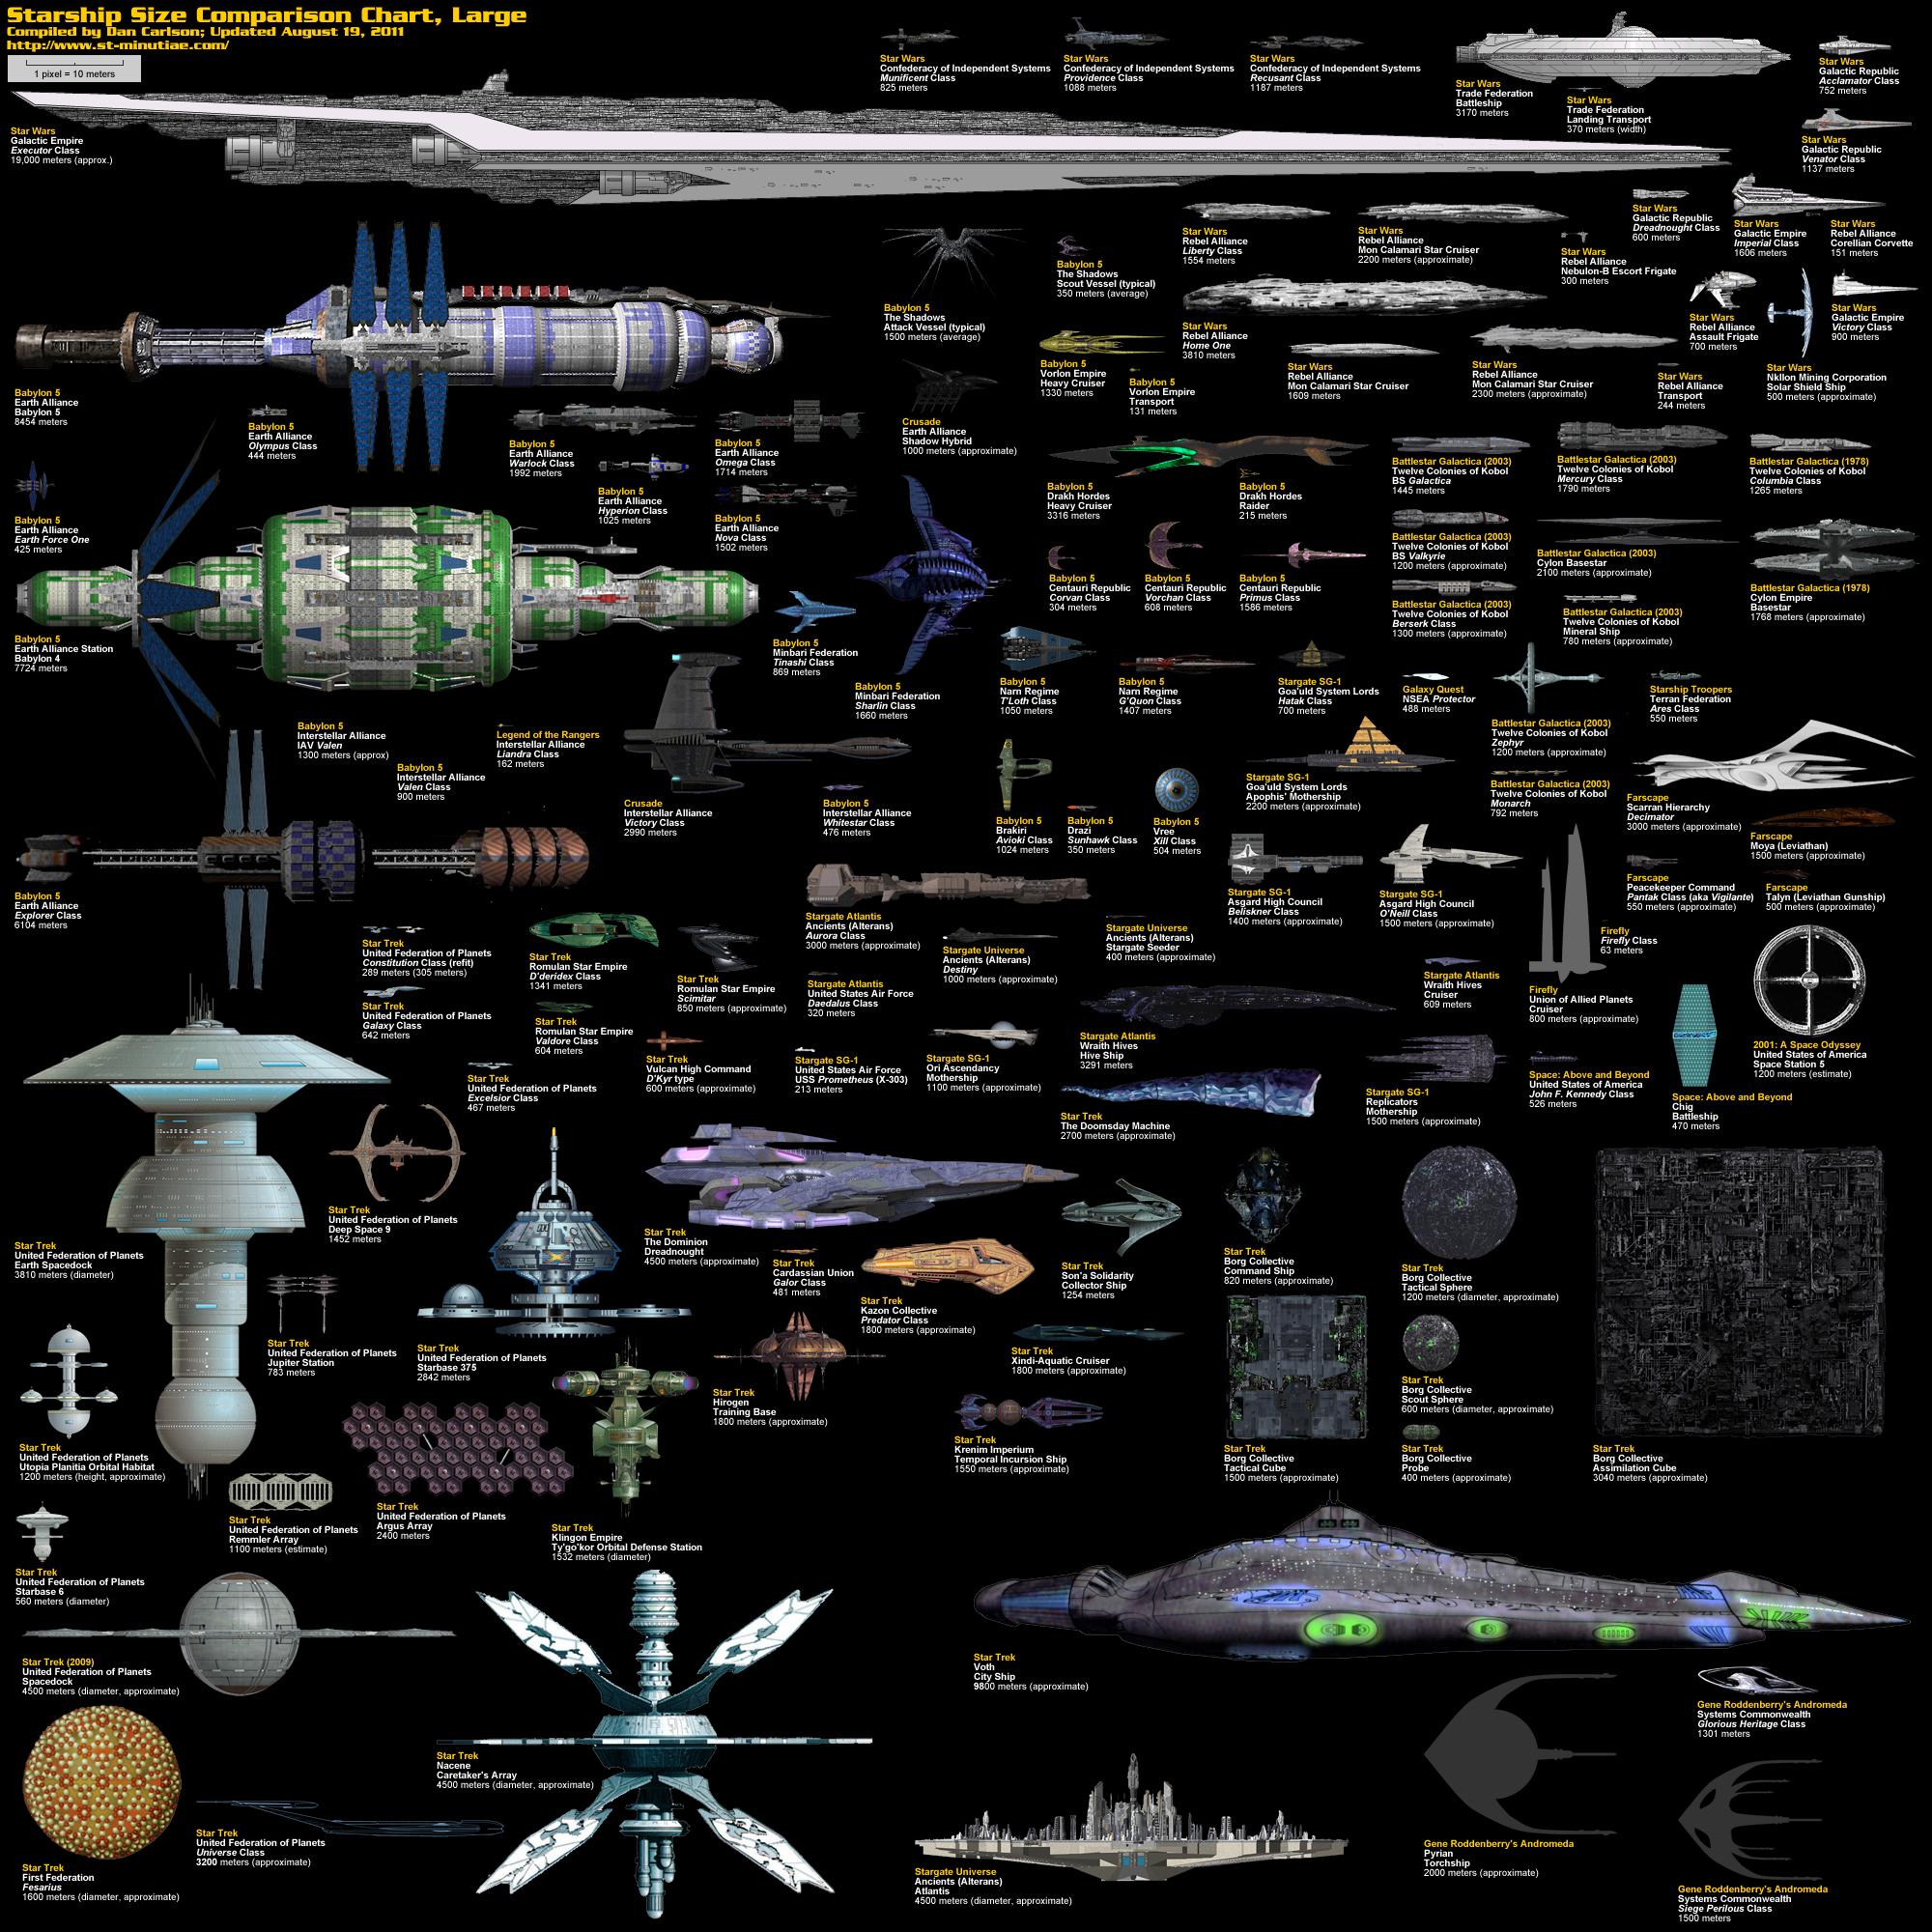 大型宇宙船のサイズを比較した画像